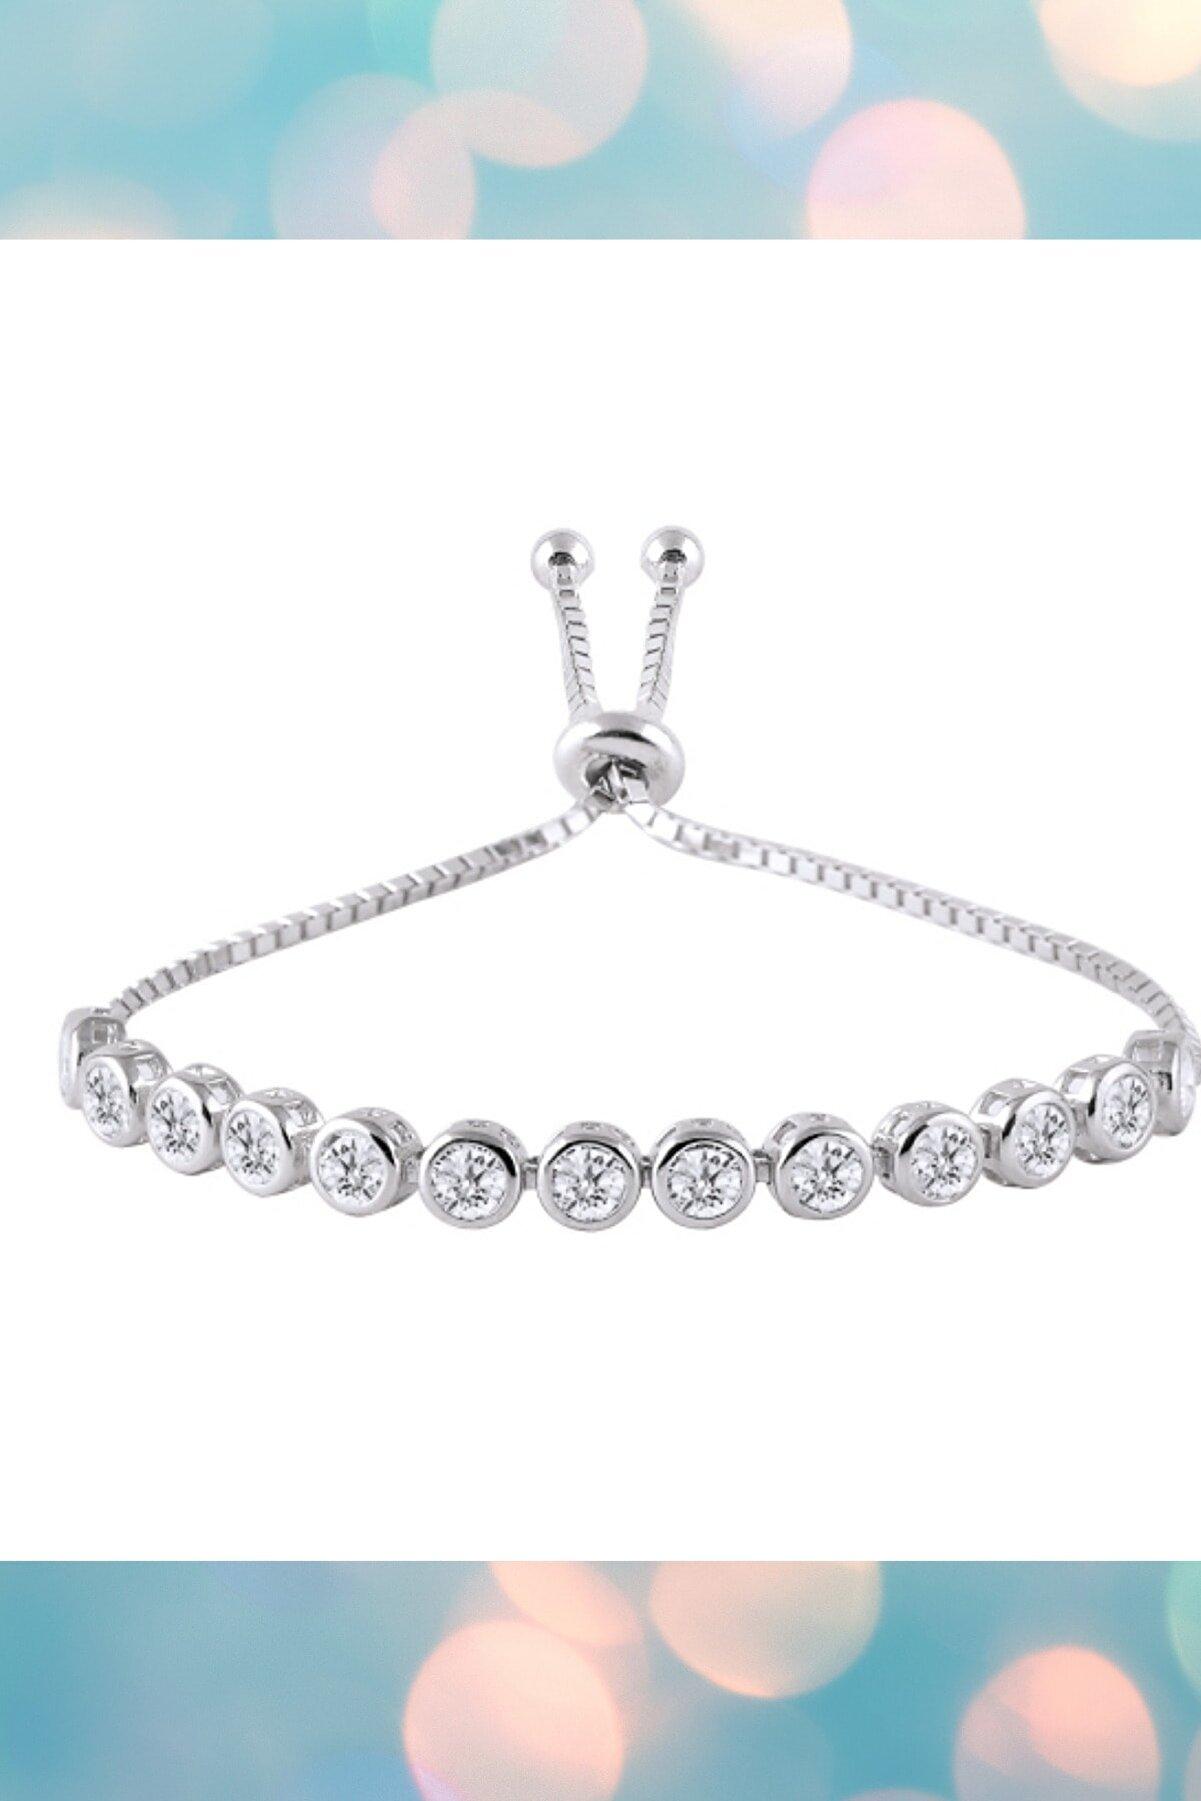 Crystal Diamond Zirconia Labaratuvar Pırlantası 0.30 Carat Asansörlü Su Yolu Bileklik